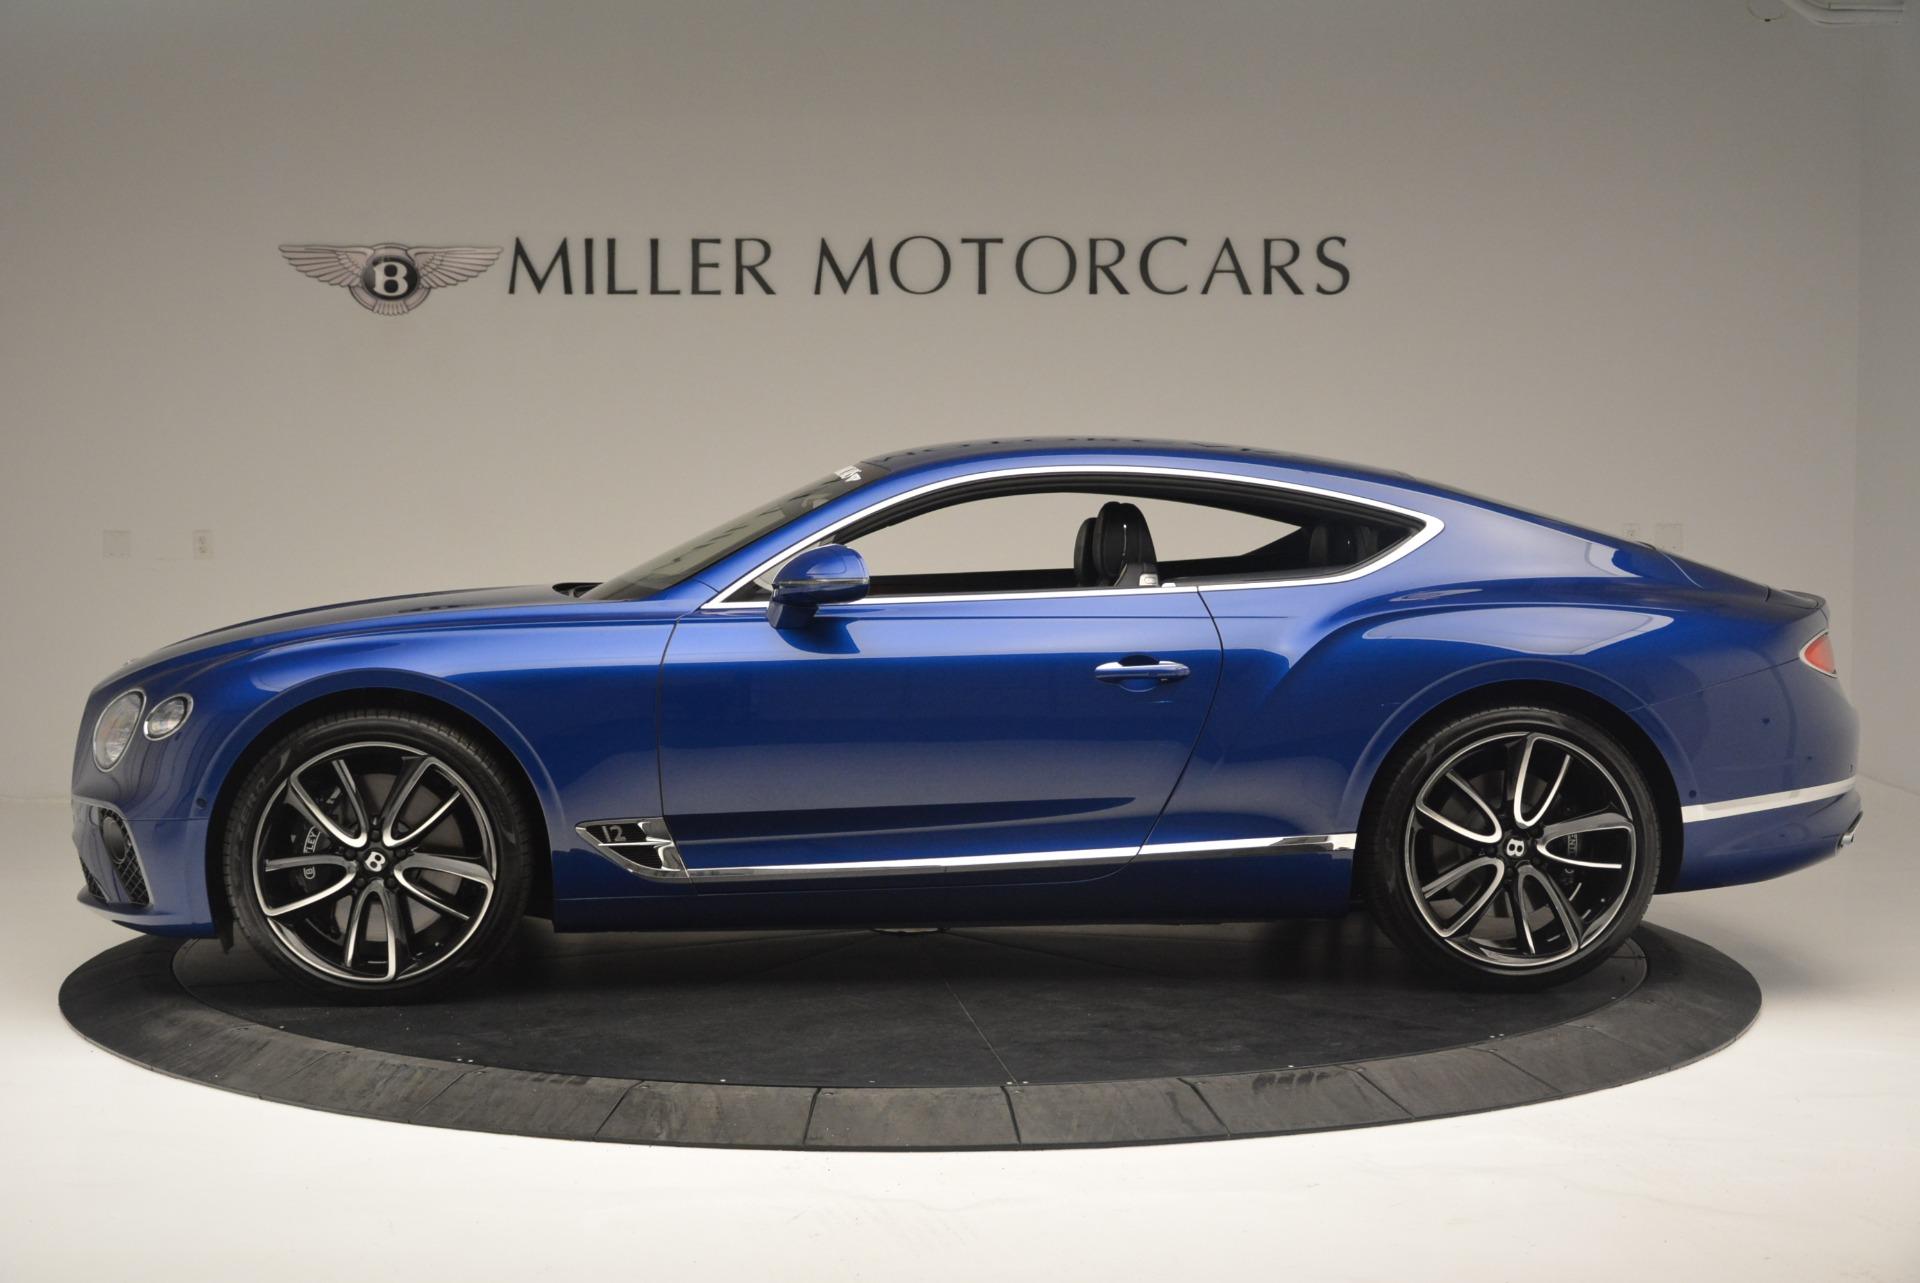 New 2020 Bentley Continental GT  For Sale In Westport, CT 1657_p3